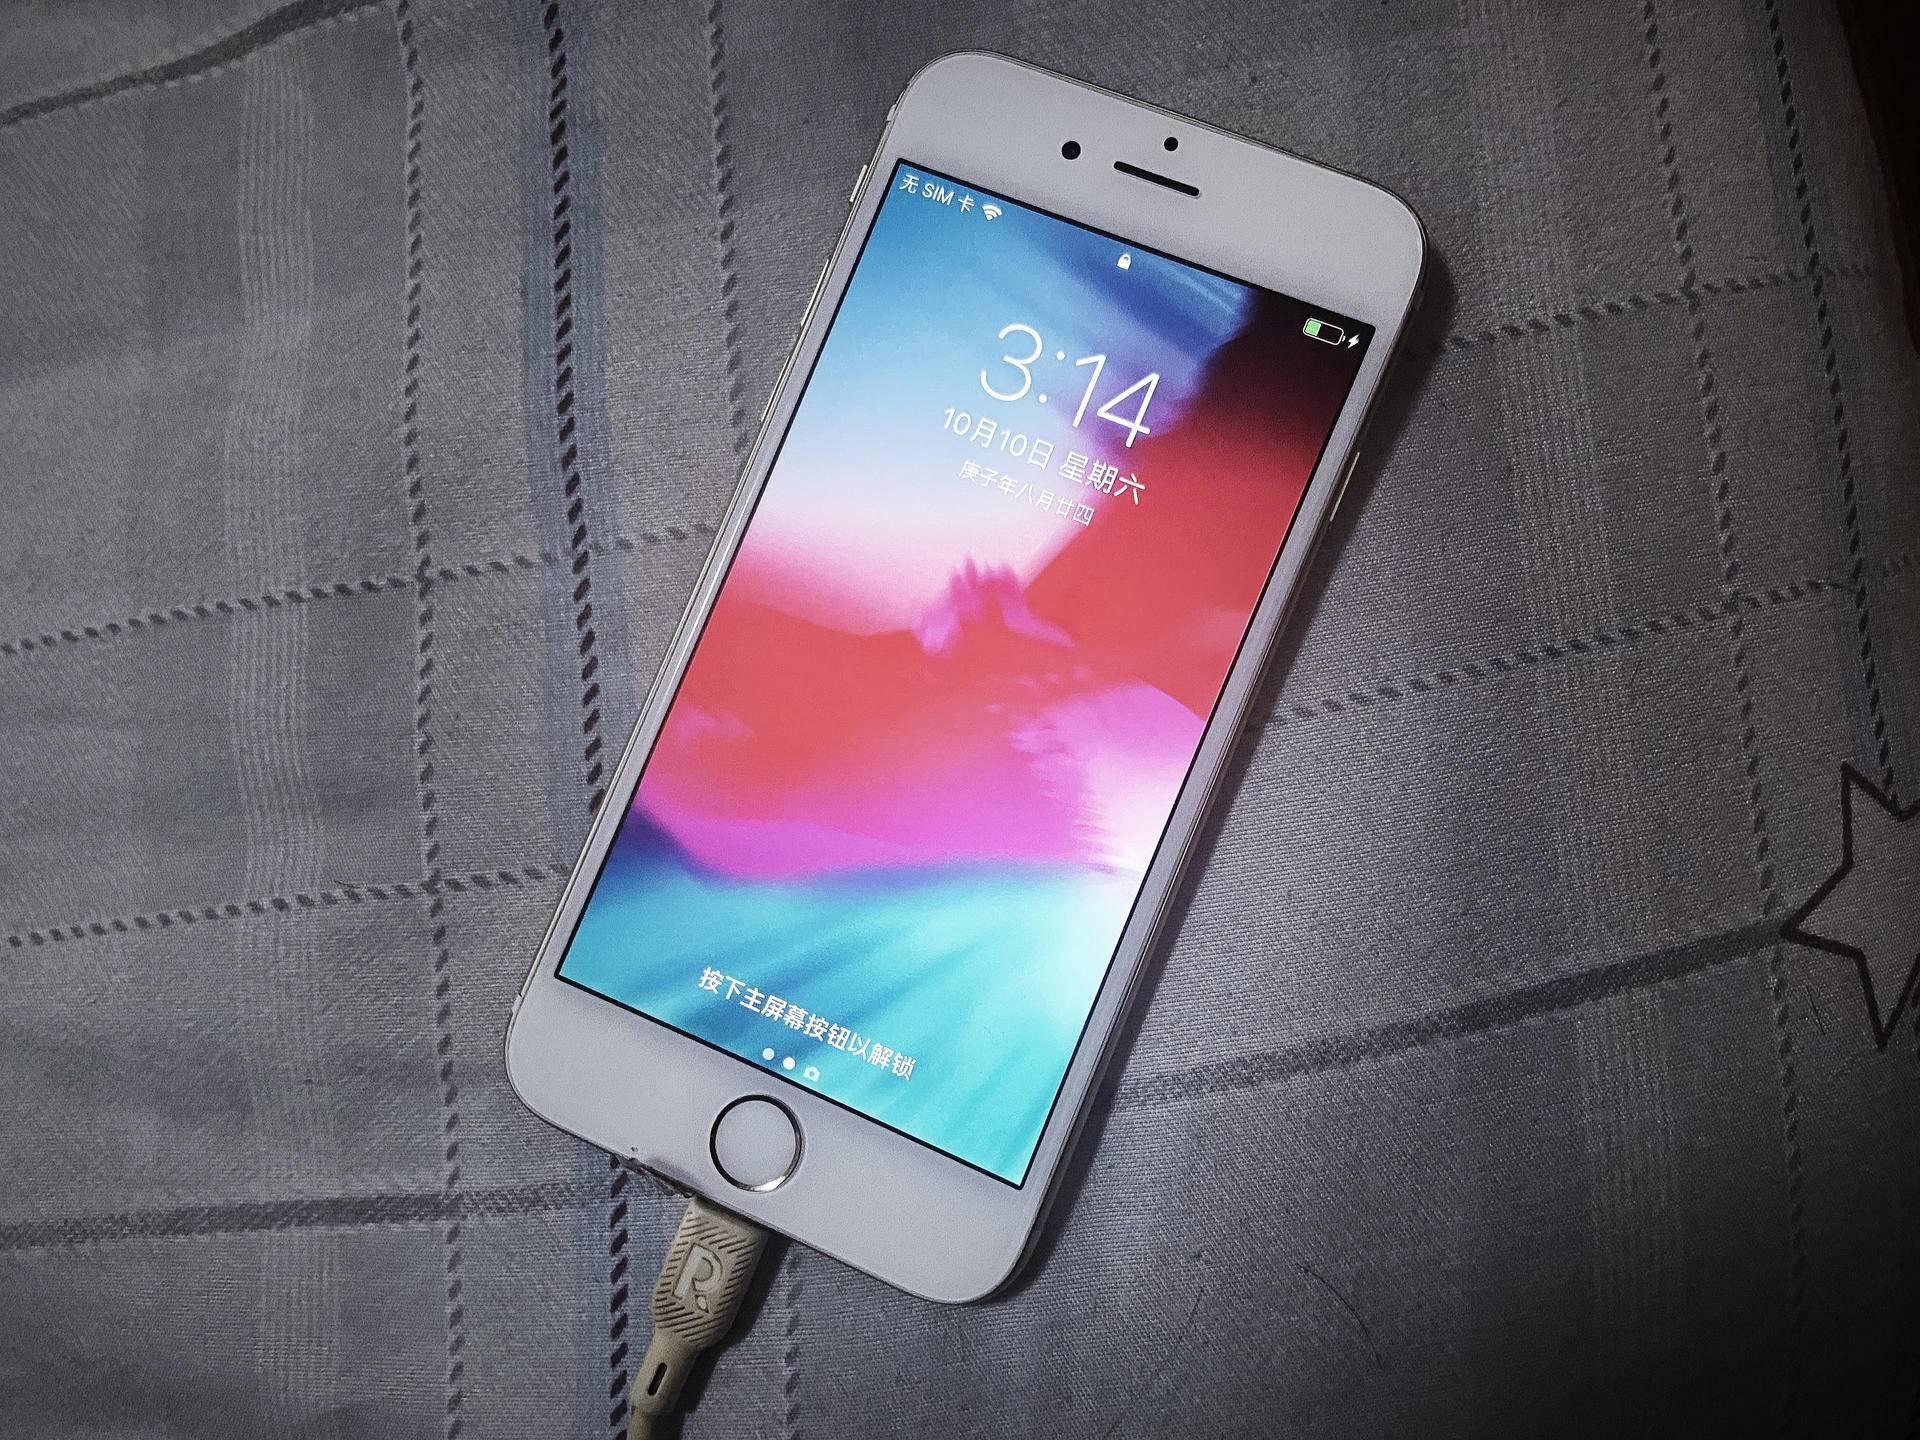 冒险王精灵_被iOS14抛弃的iPhone6:真的已经淘汰了吗?-第5张图片-游戏摸鱼怪